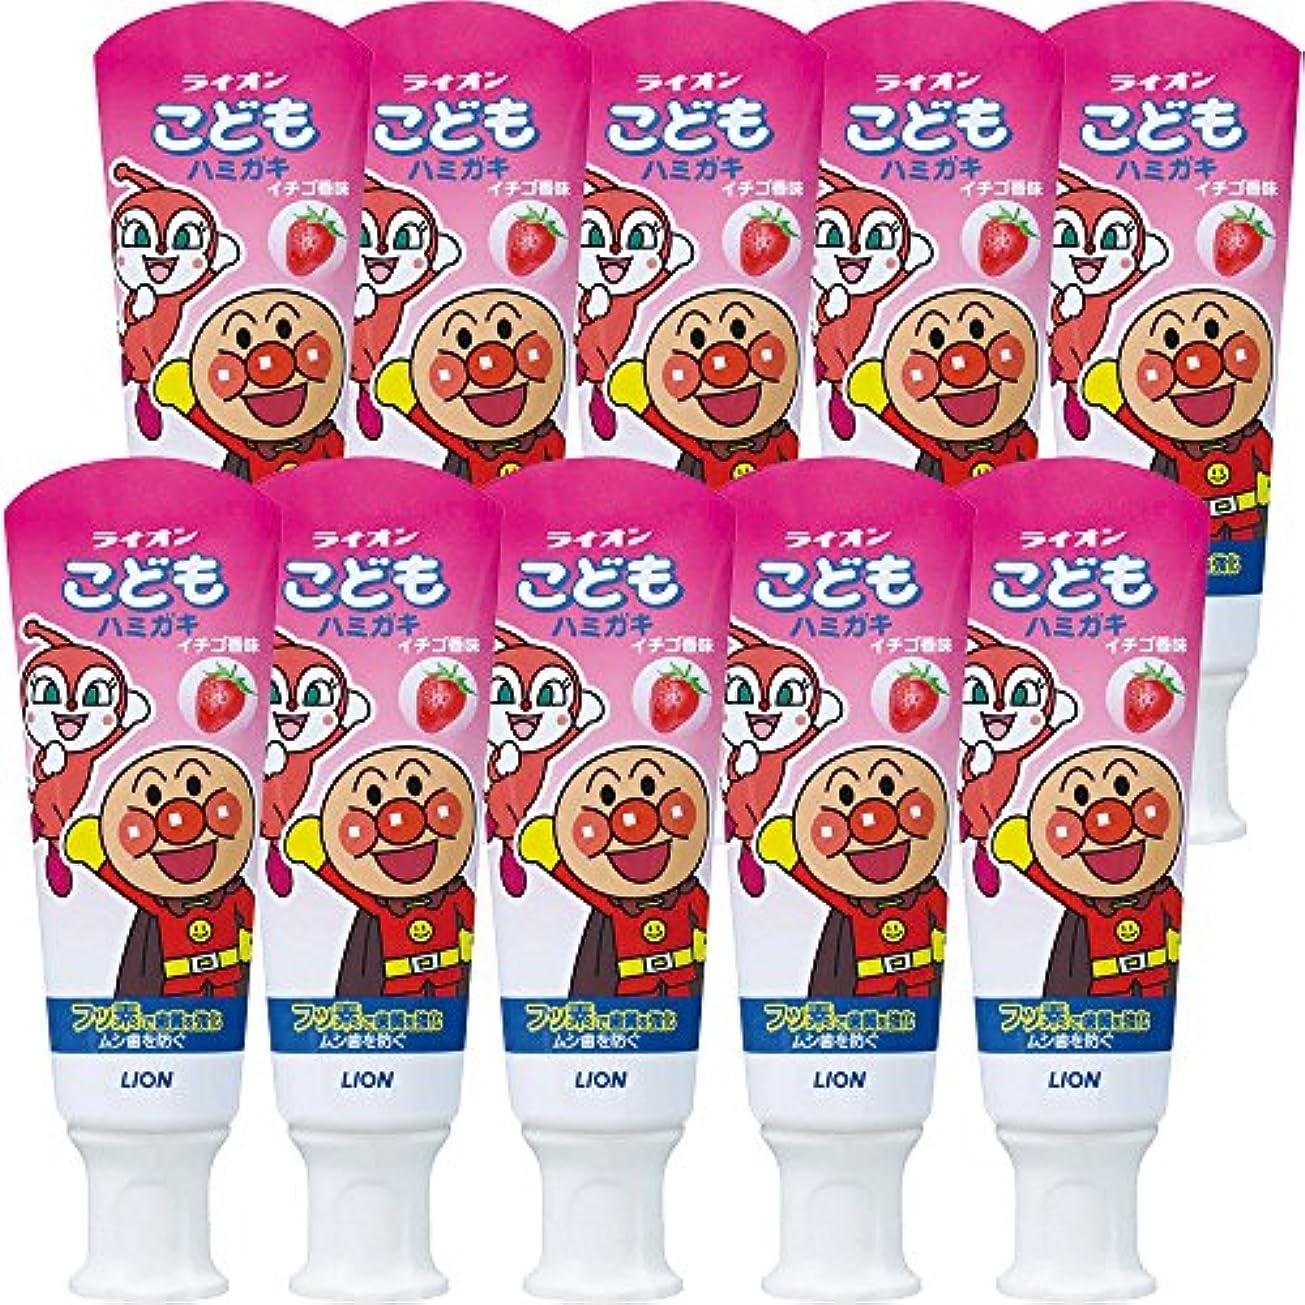 やさしく古風なキャンベラこどもハミガキ アンパンマン イチゴ香味 40g×10個パック (医薬部外品)